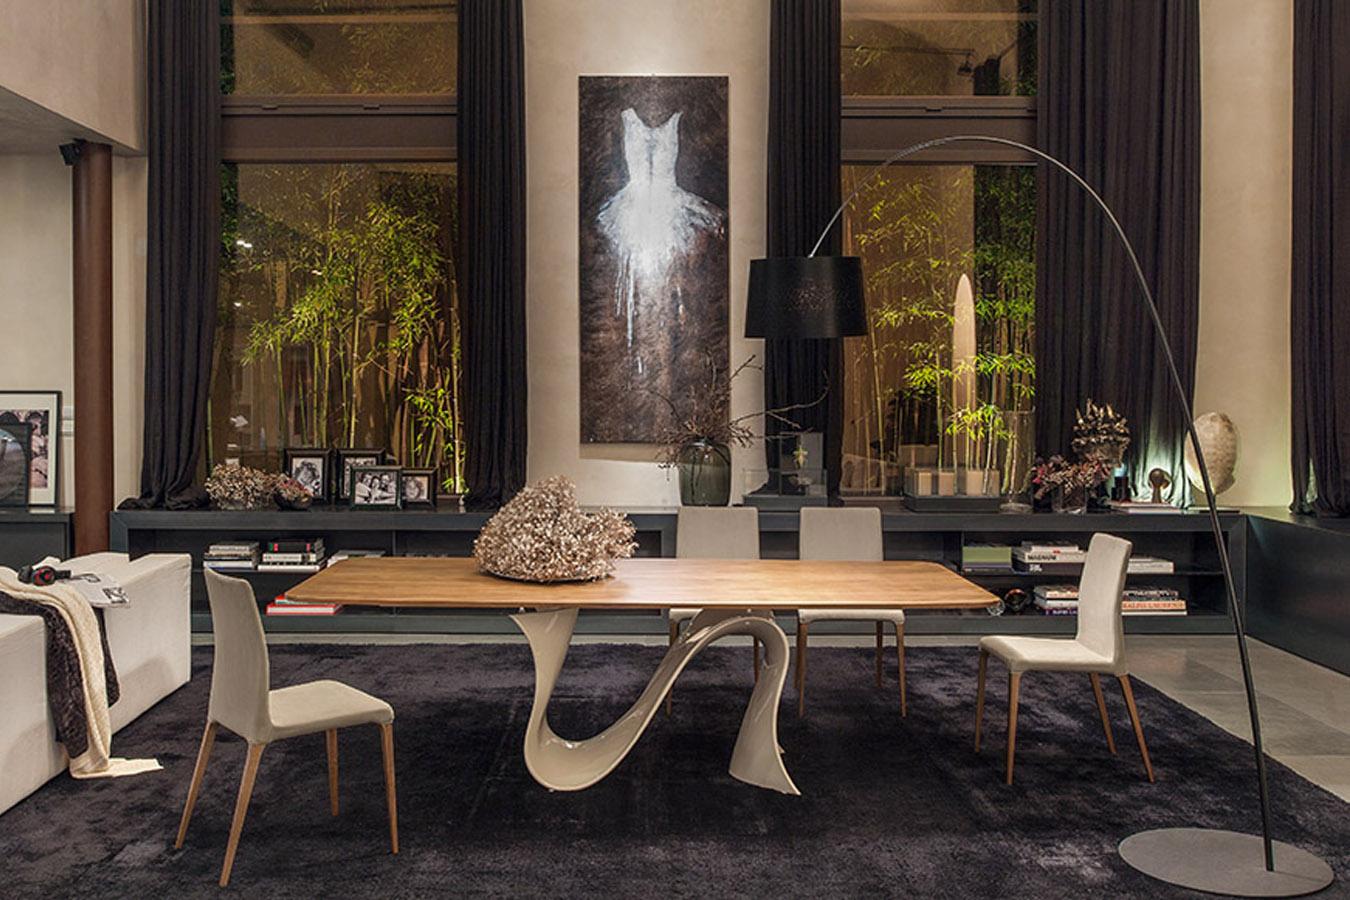 Casa moderna interni in legno case con interni in legno con case da sogno con interni in legno - Interni casa moderna ...